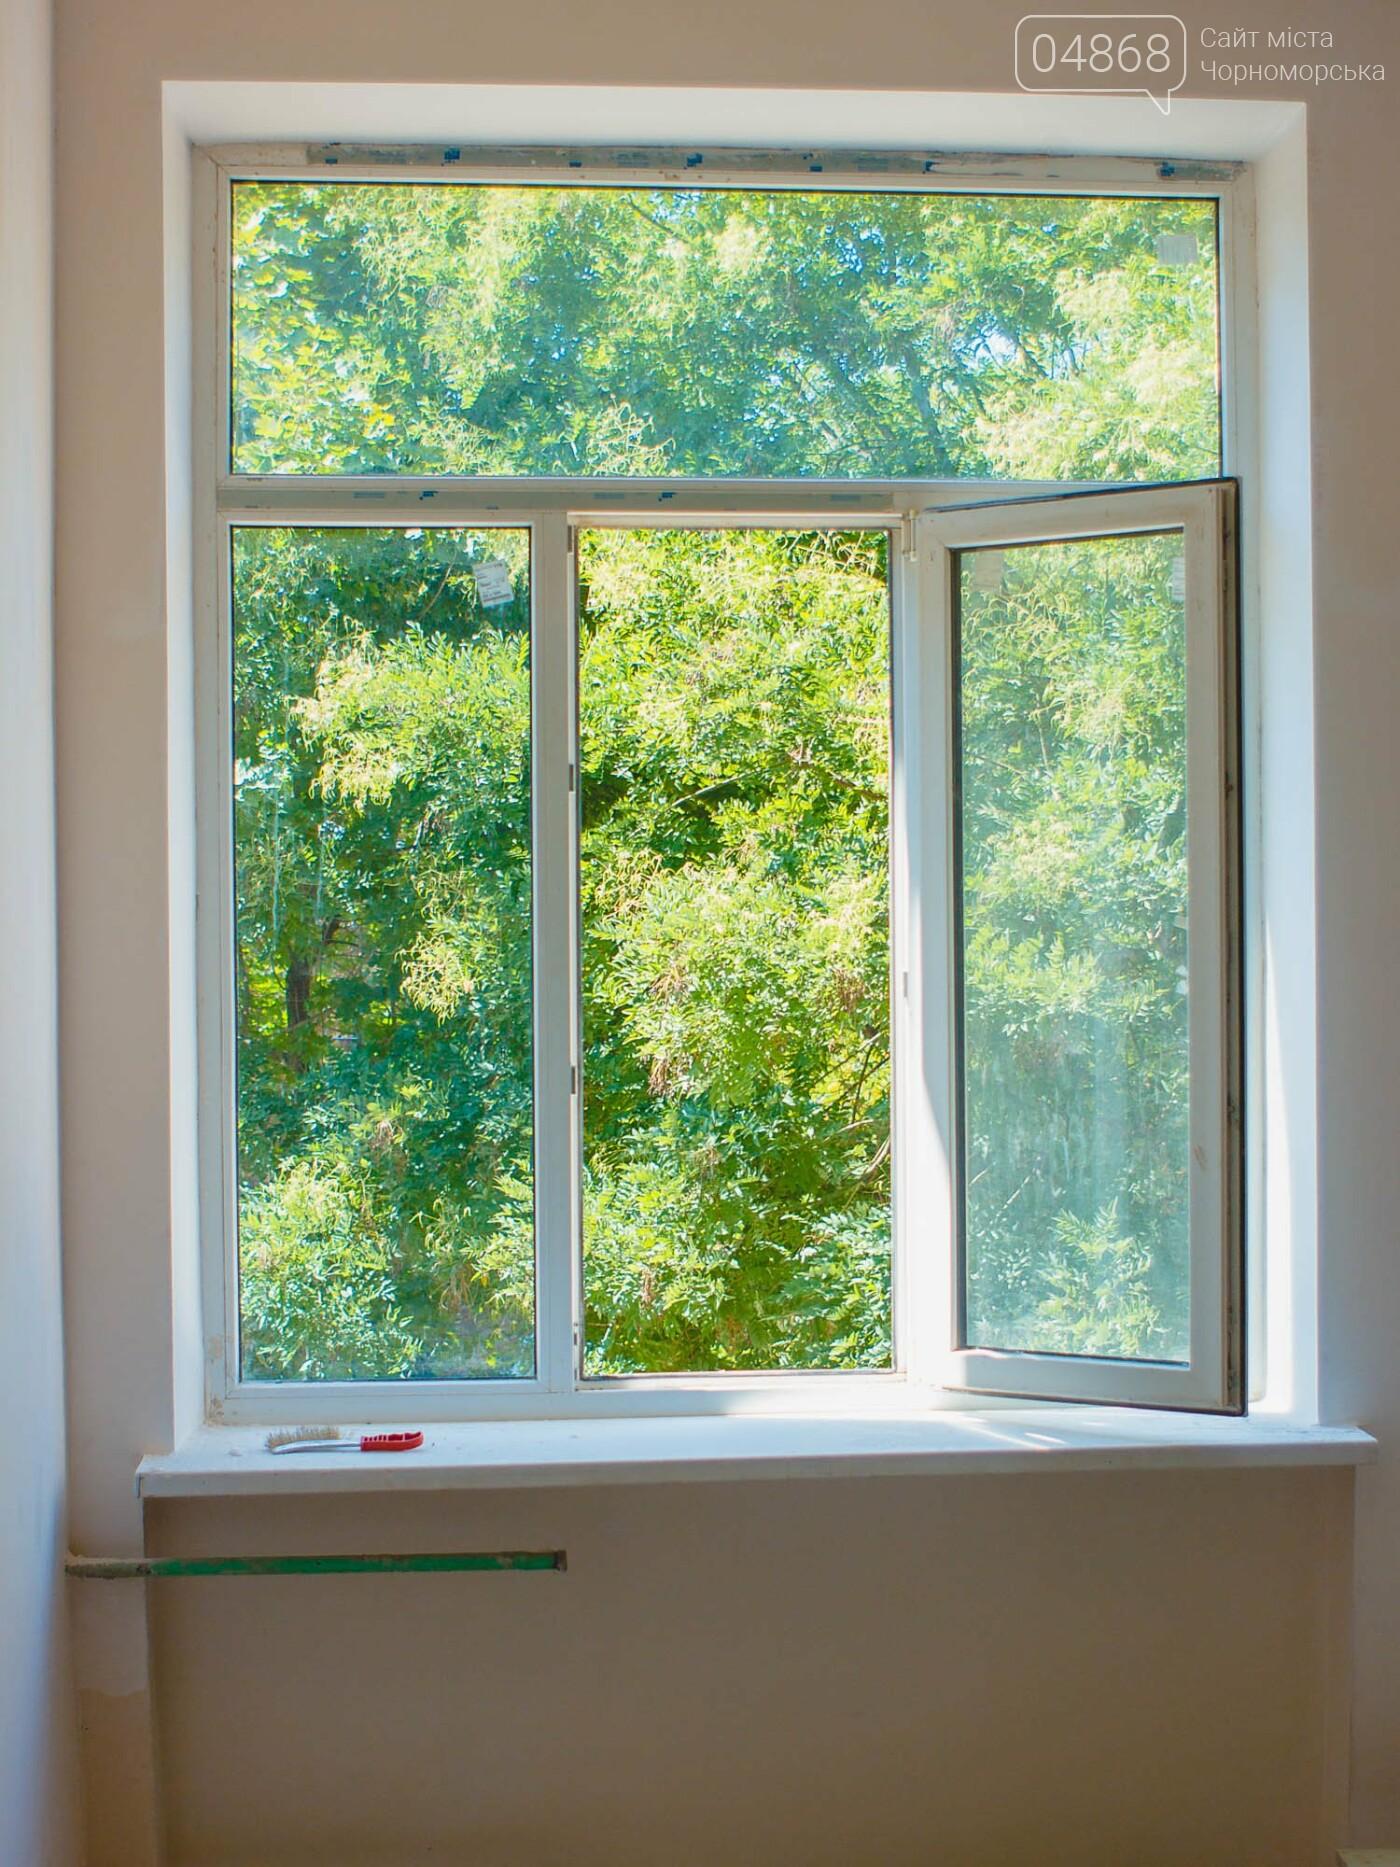 Новые окна, кабинеты и пищеблок: школы Черноморска готовятся к 1 сентября, фото-19